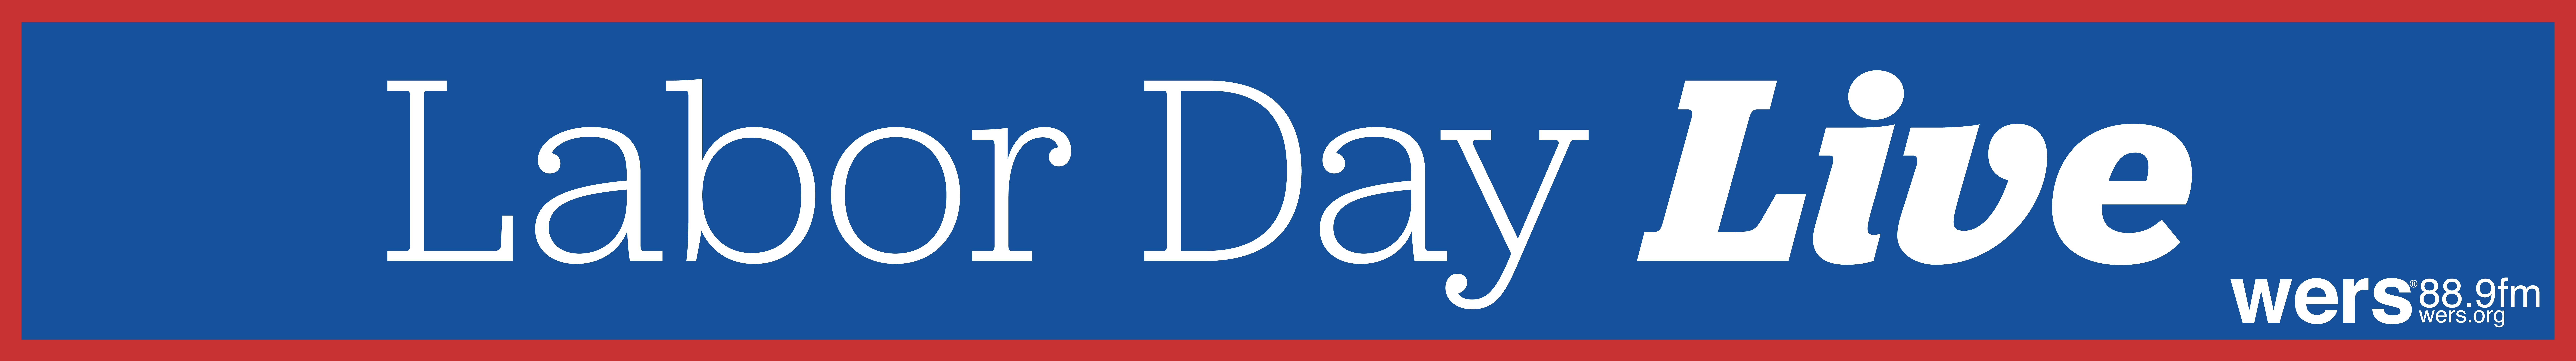 Labor Day Live 2021